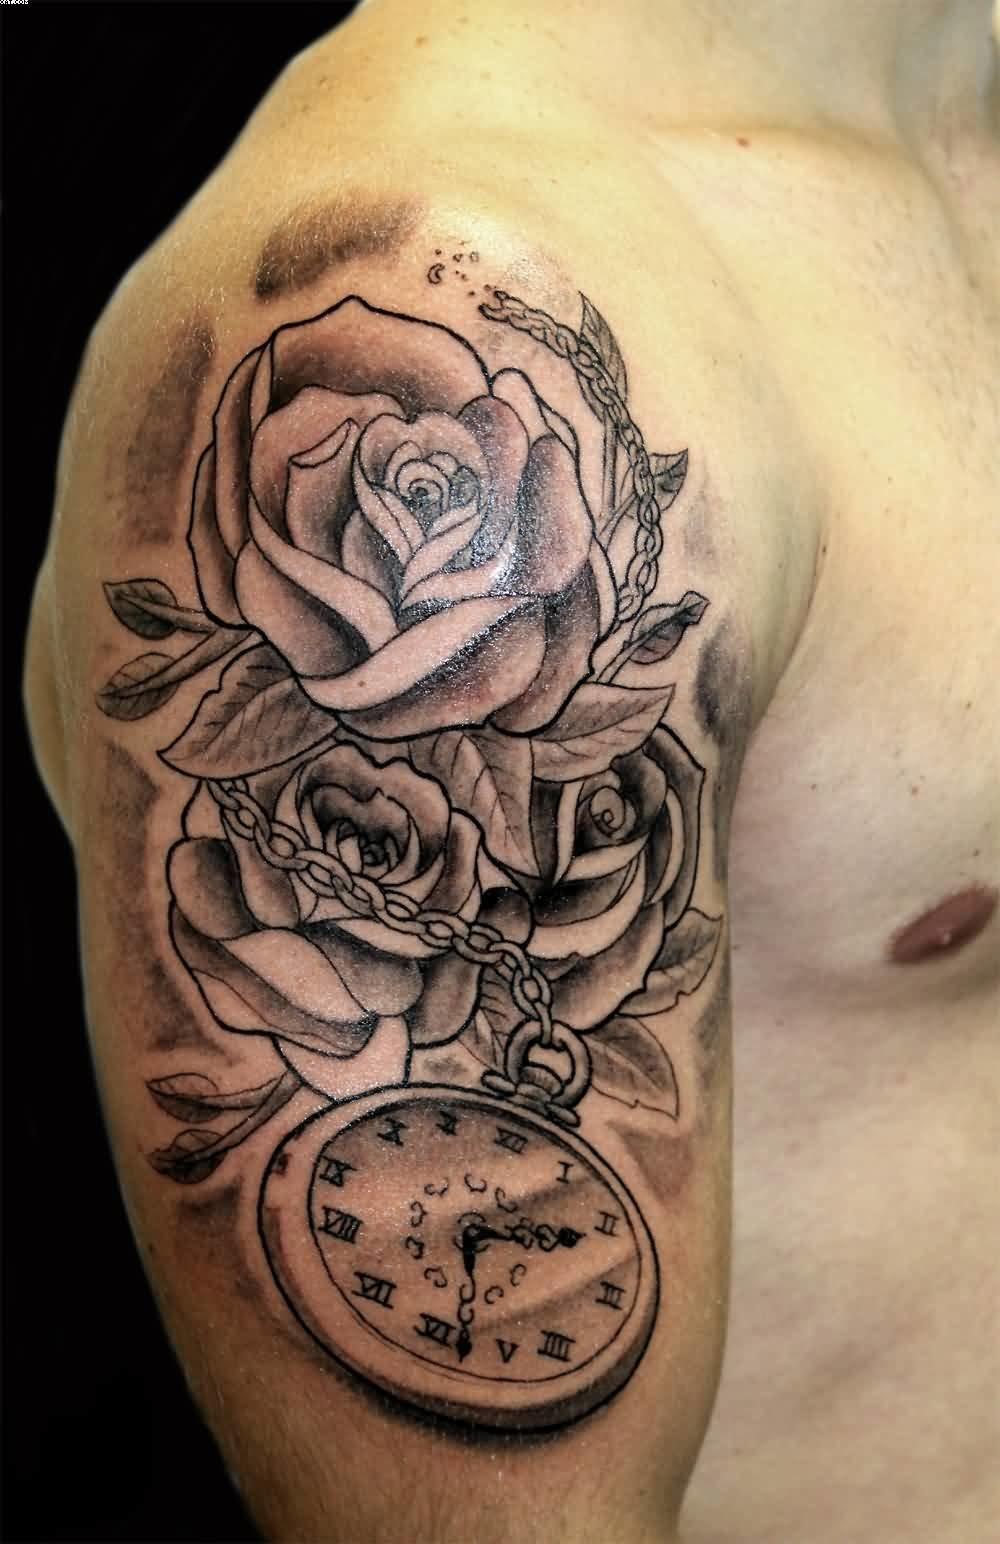 Тату часы на руке означает, что ее владельца периодически посещают мысли, правильно ли он тратит свое время, на что растрачивает свою жизнь.